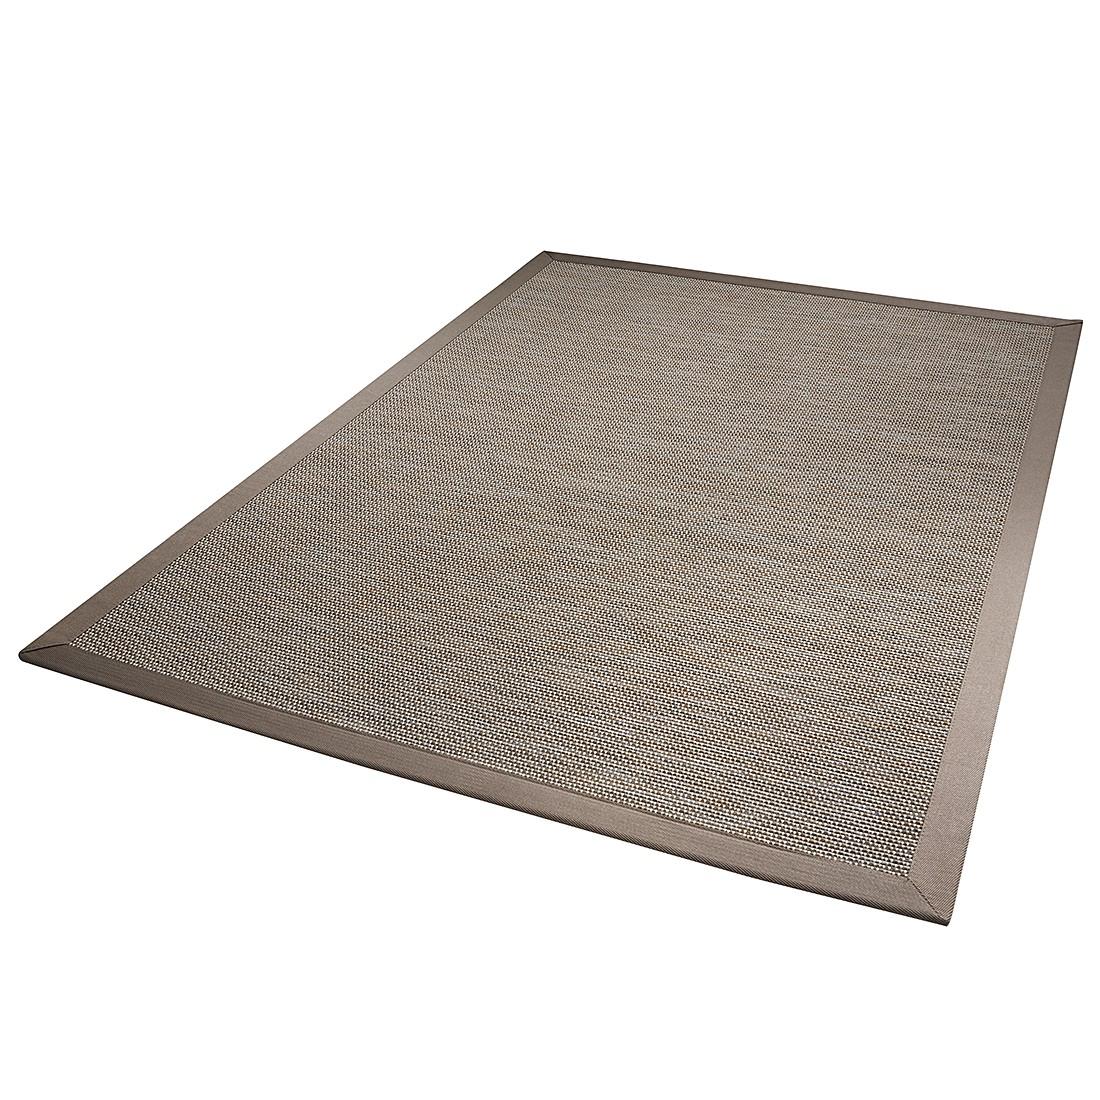 In-/Outdoorteppich Naturino Color – Grau – 133 x 190 cm, DEKOWE günstig